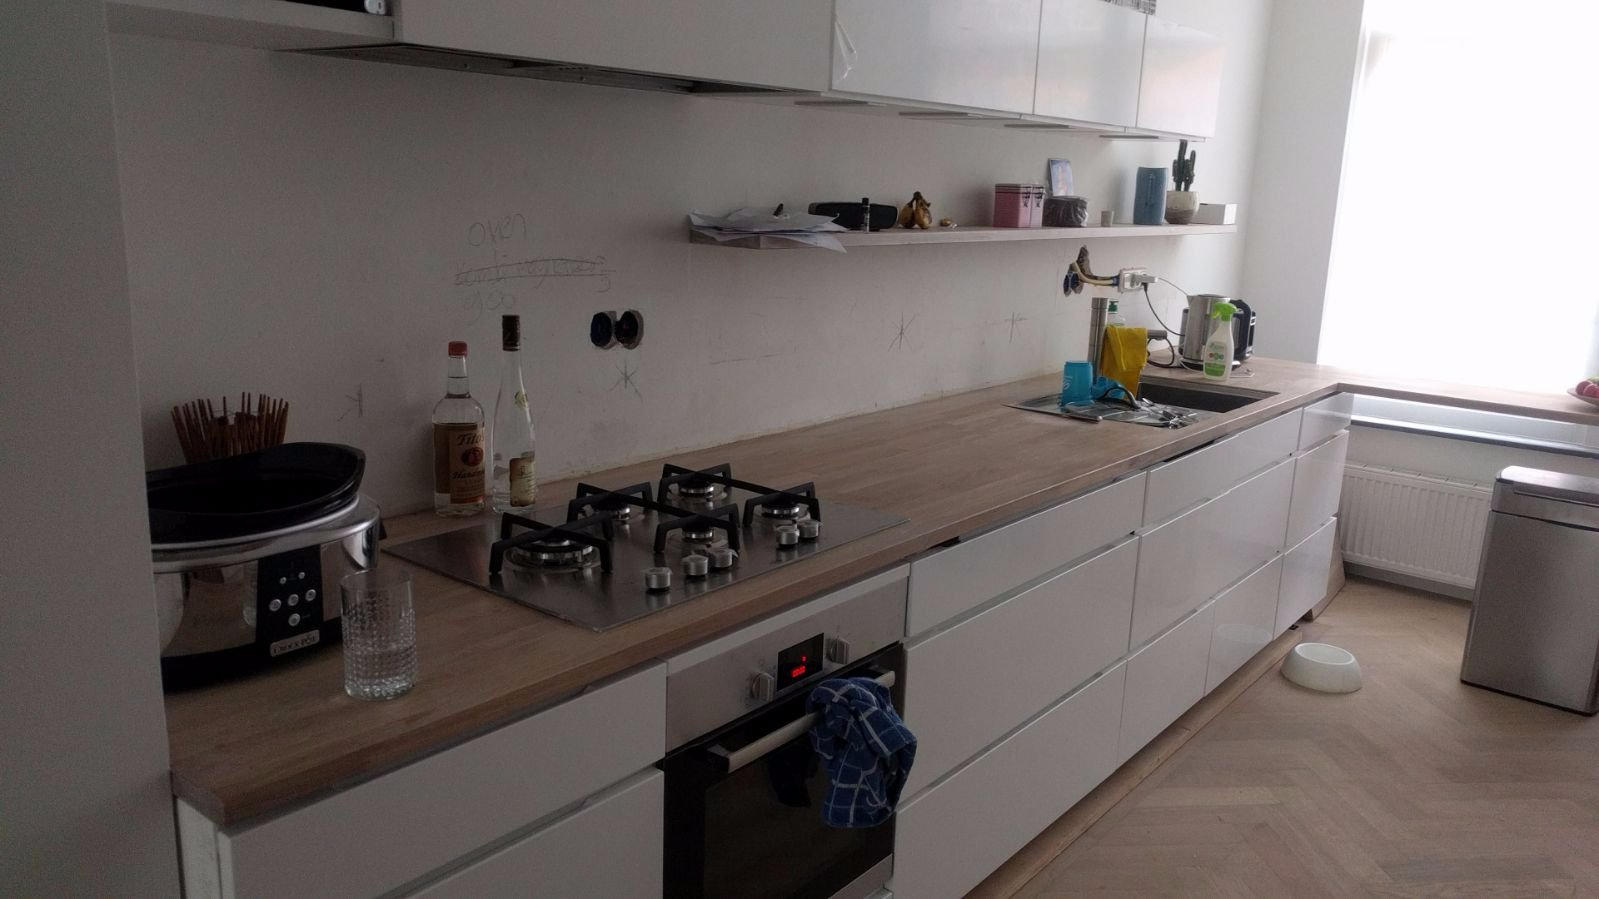 Tiling backsplash in kitchen